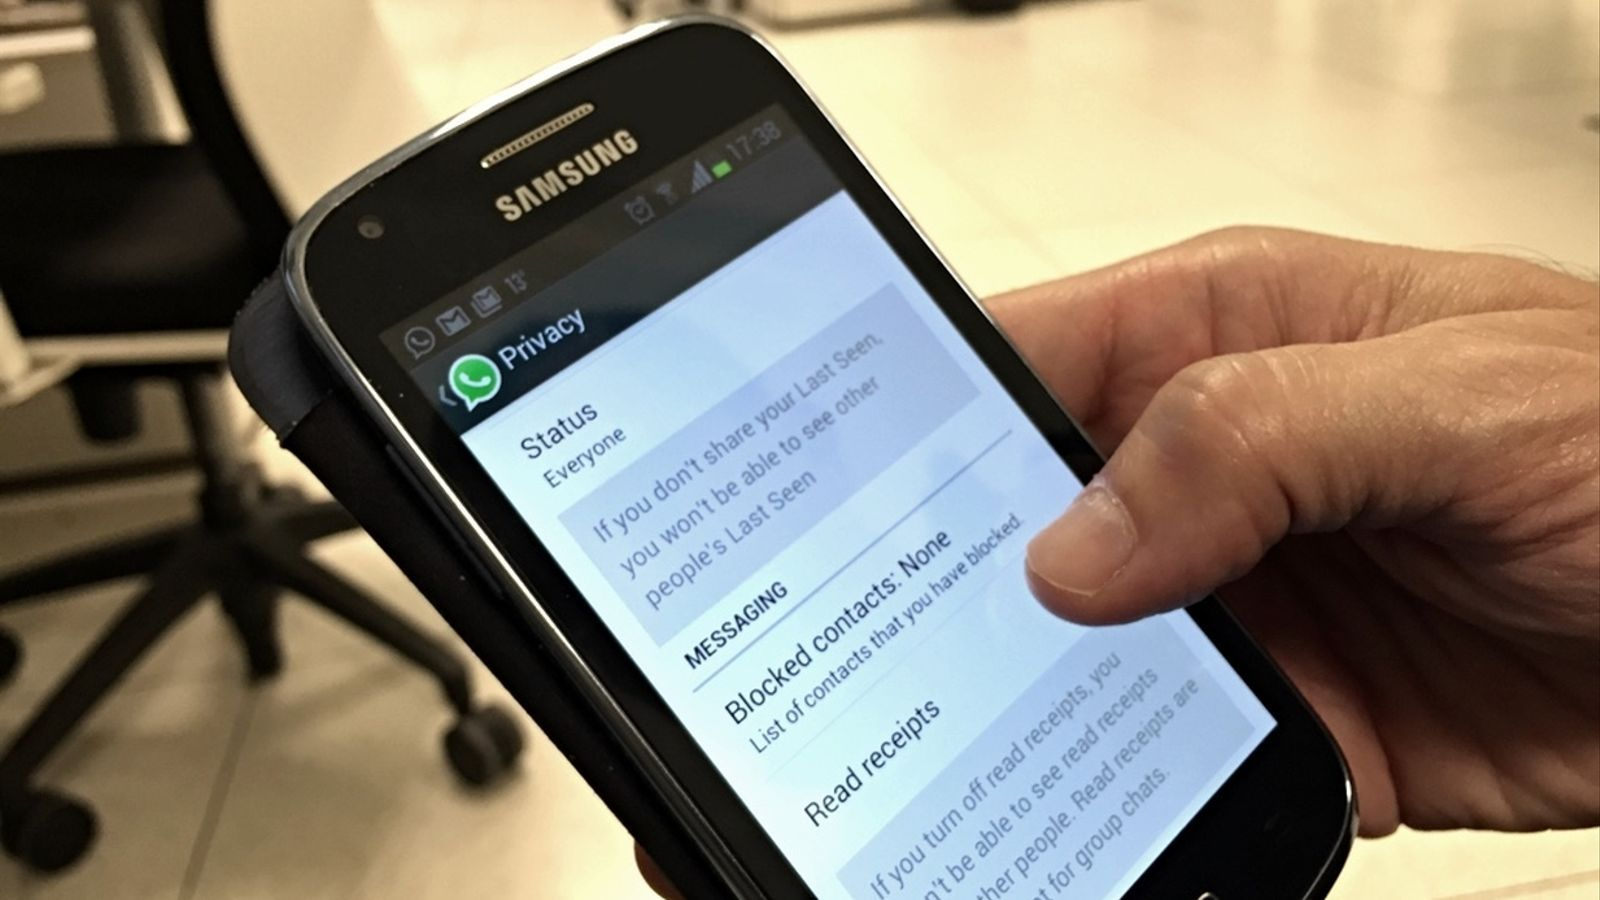 Un usuari utilitza Whatsapp en un telèfon mòbil amb sistema operatiu Android.